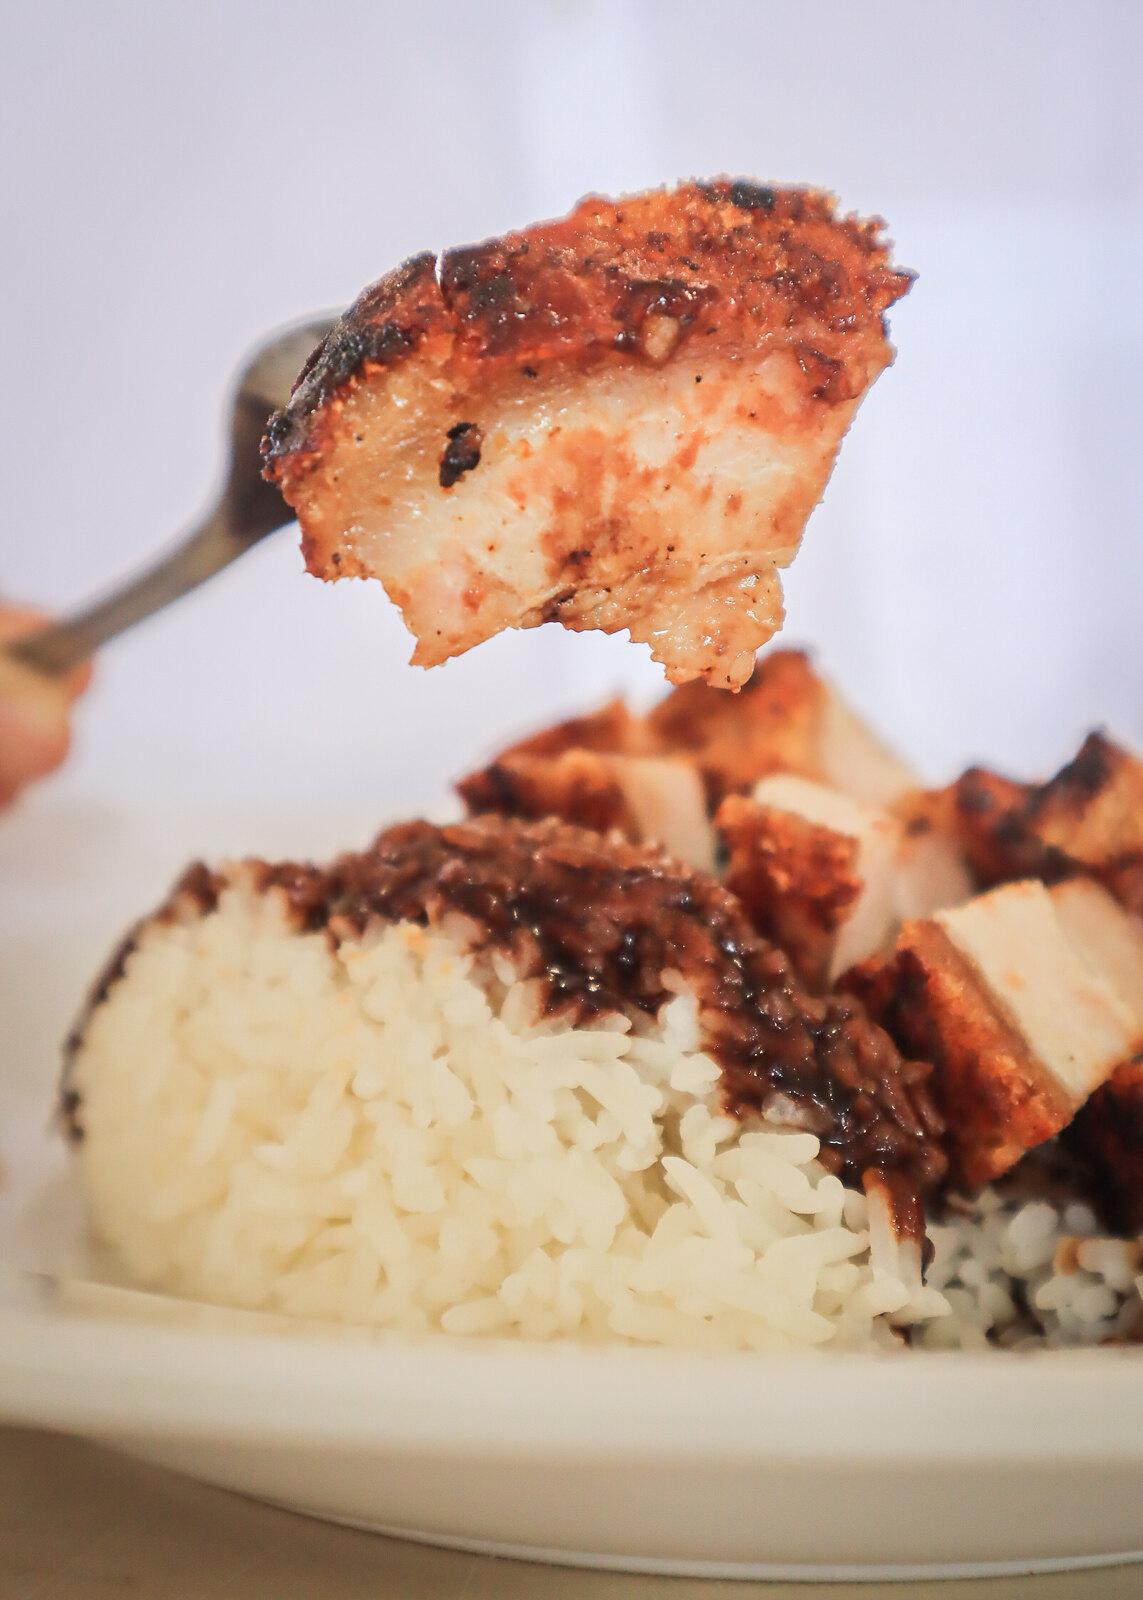 fei zai xiang shao la wanton mee roast pork